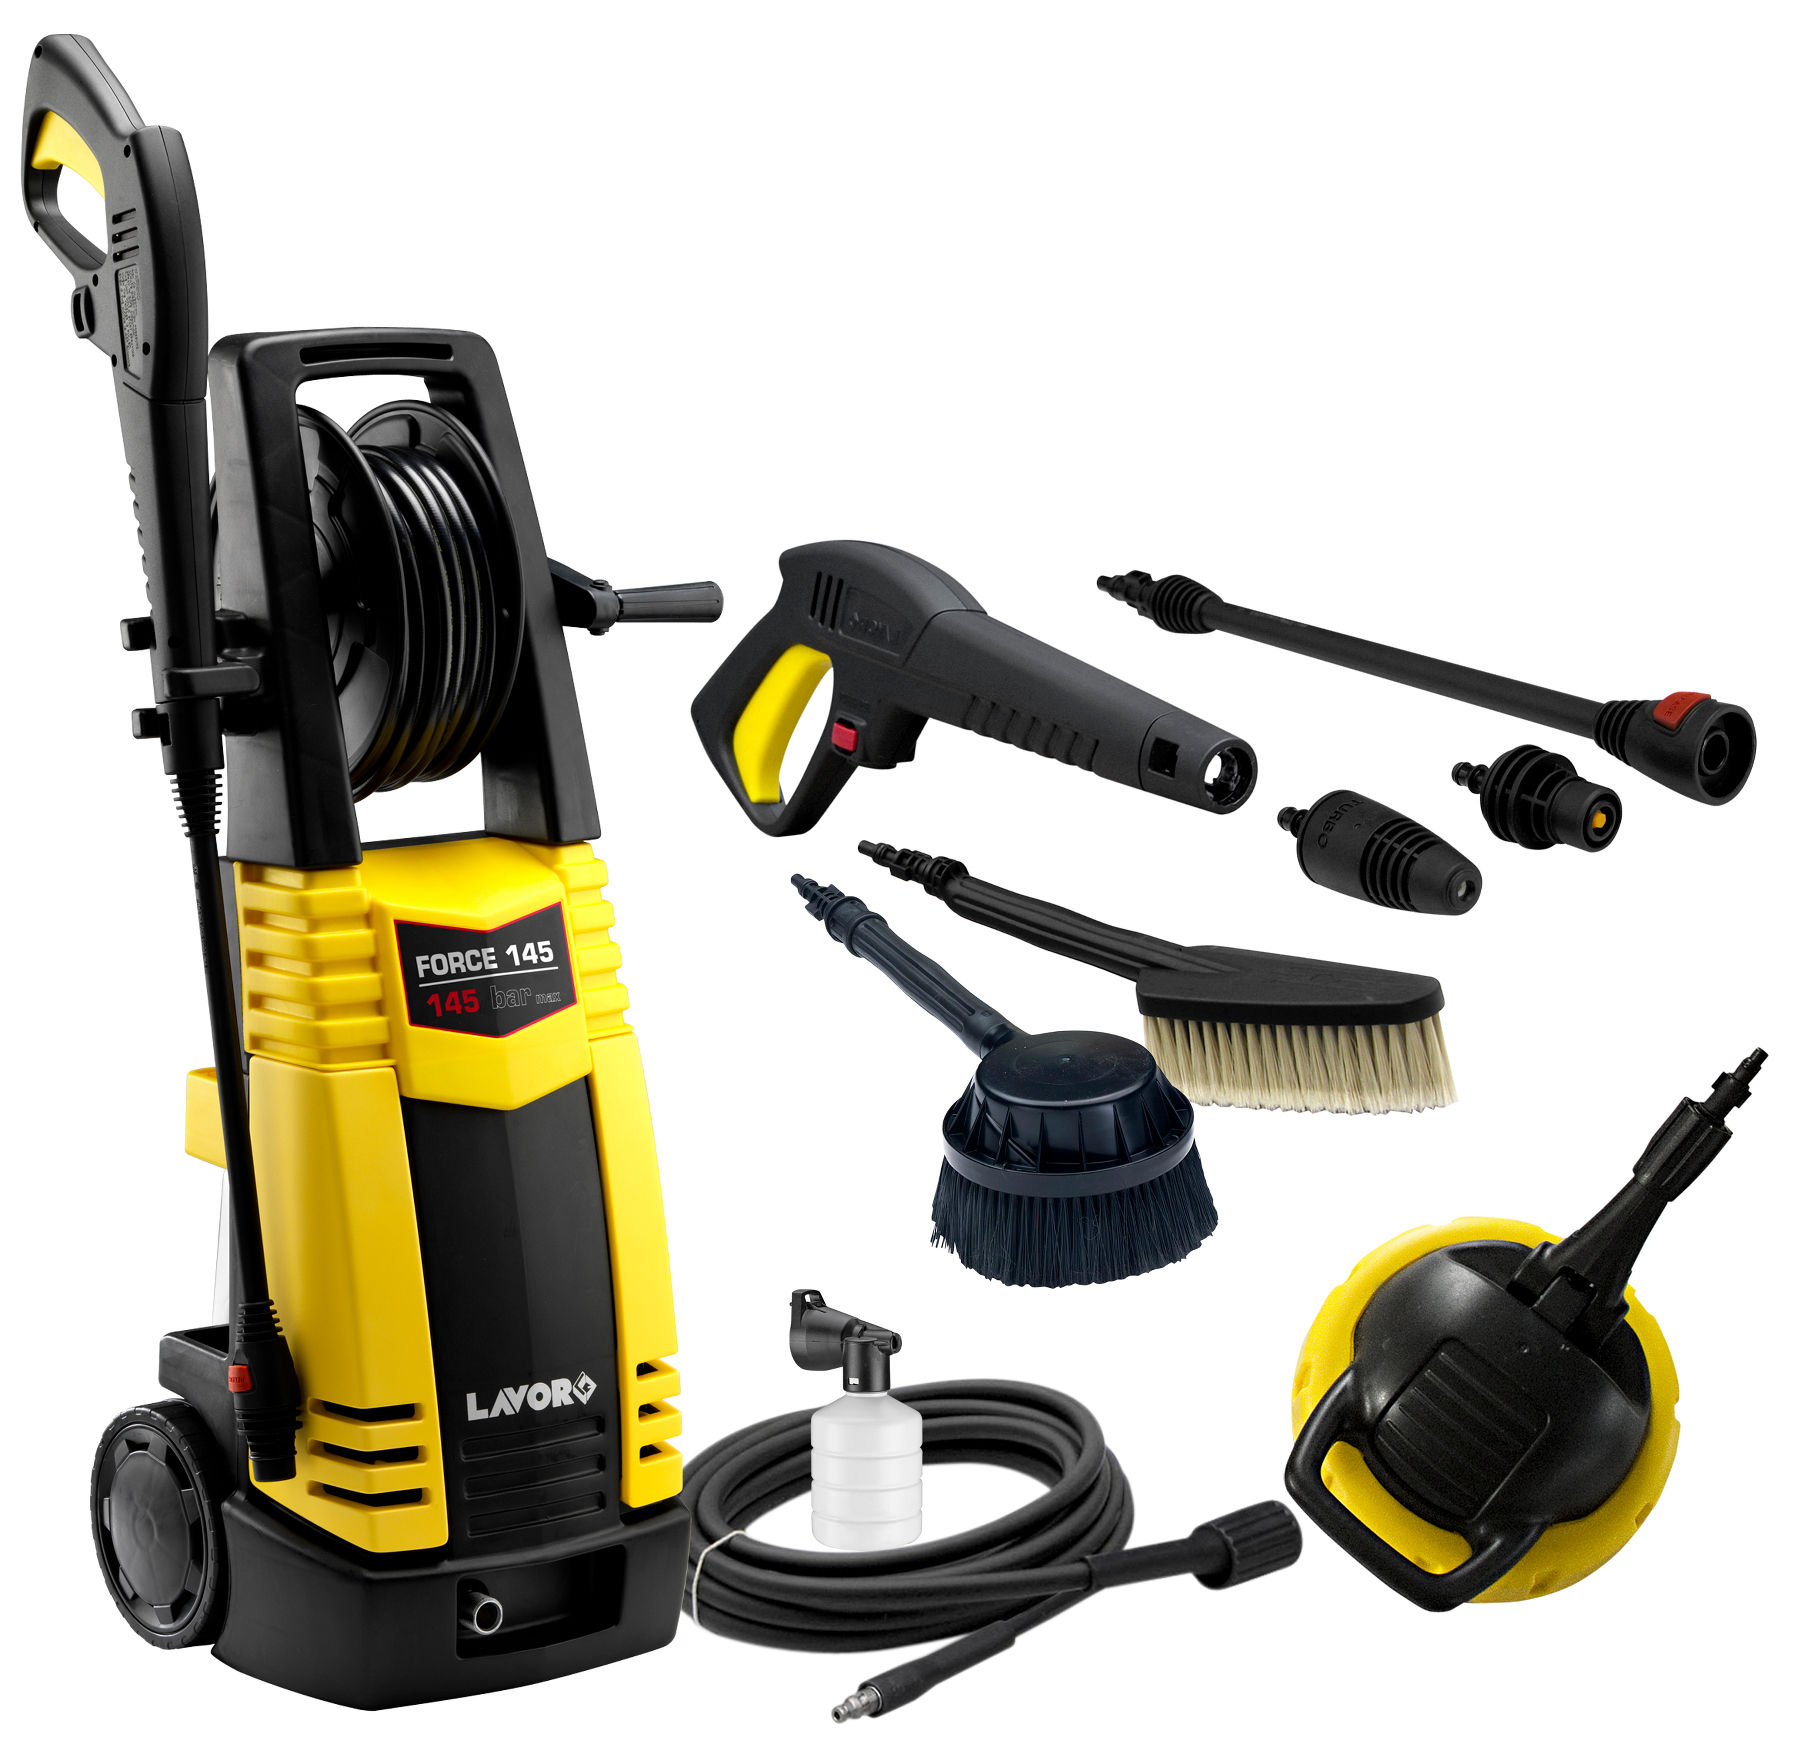 Моющее оборудование высокого давления - Lavor FORCE 145 Мойка высокого давления